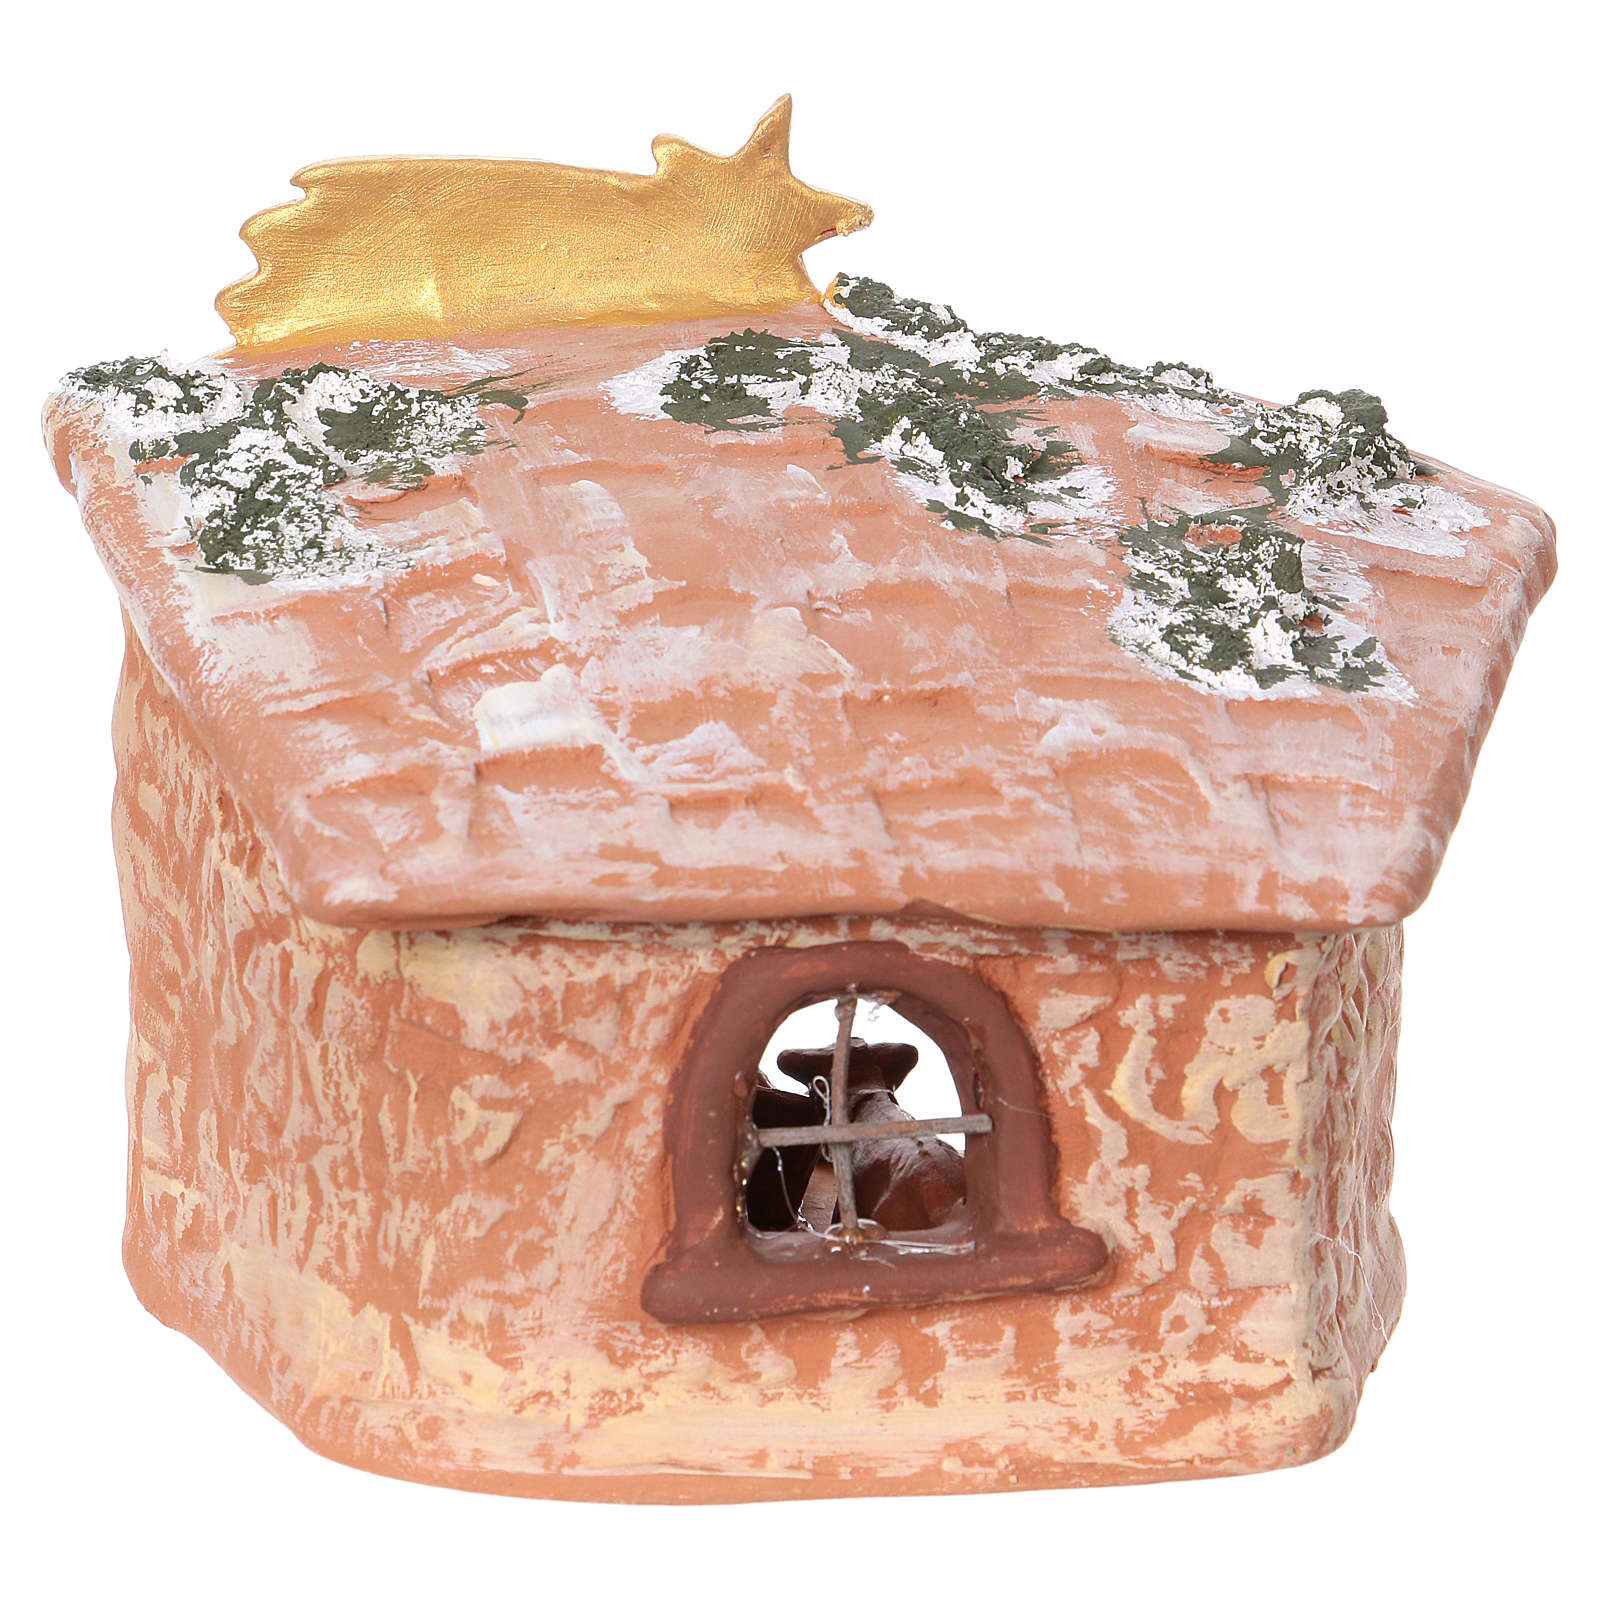 Cabaña 15x15x10 cm de terracota Deruta cm con natividad 7 cm 4